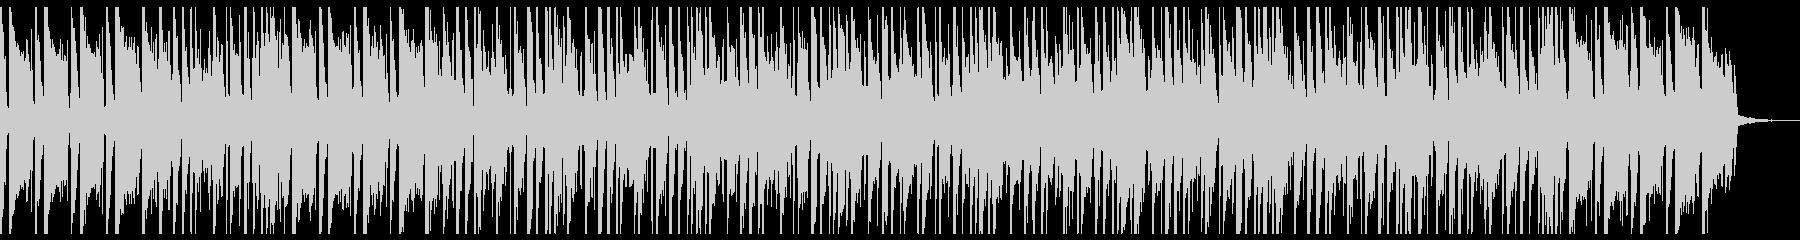 ファンクでゴージャスなアップビートの未再生の波形